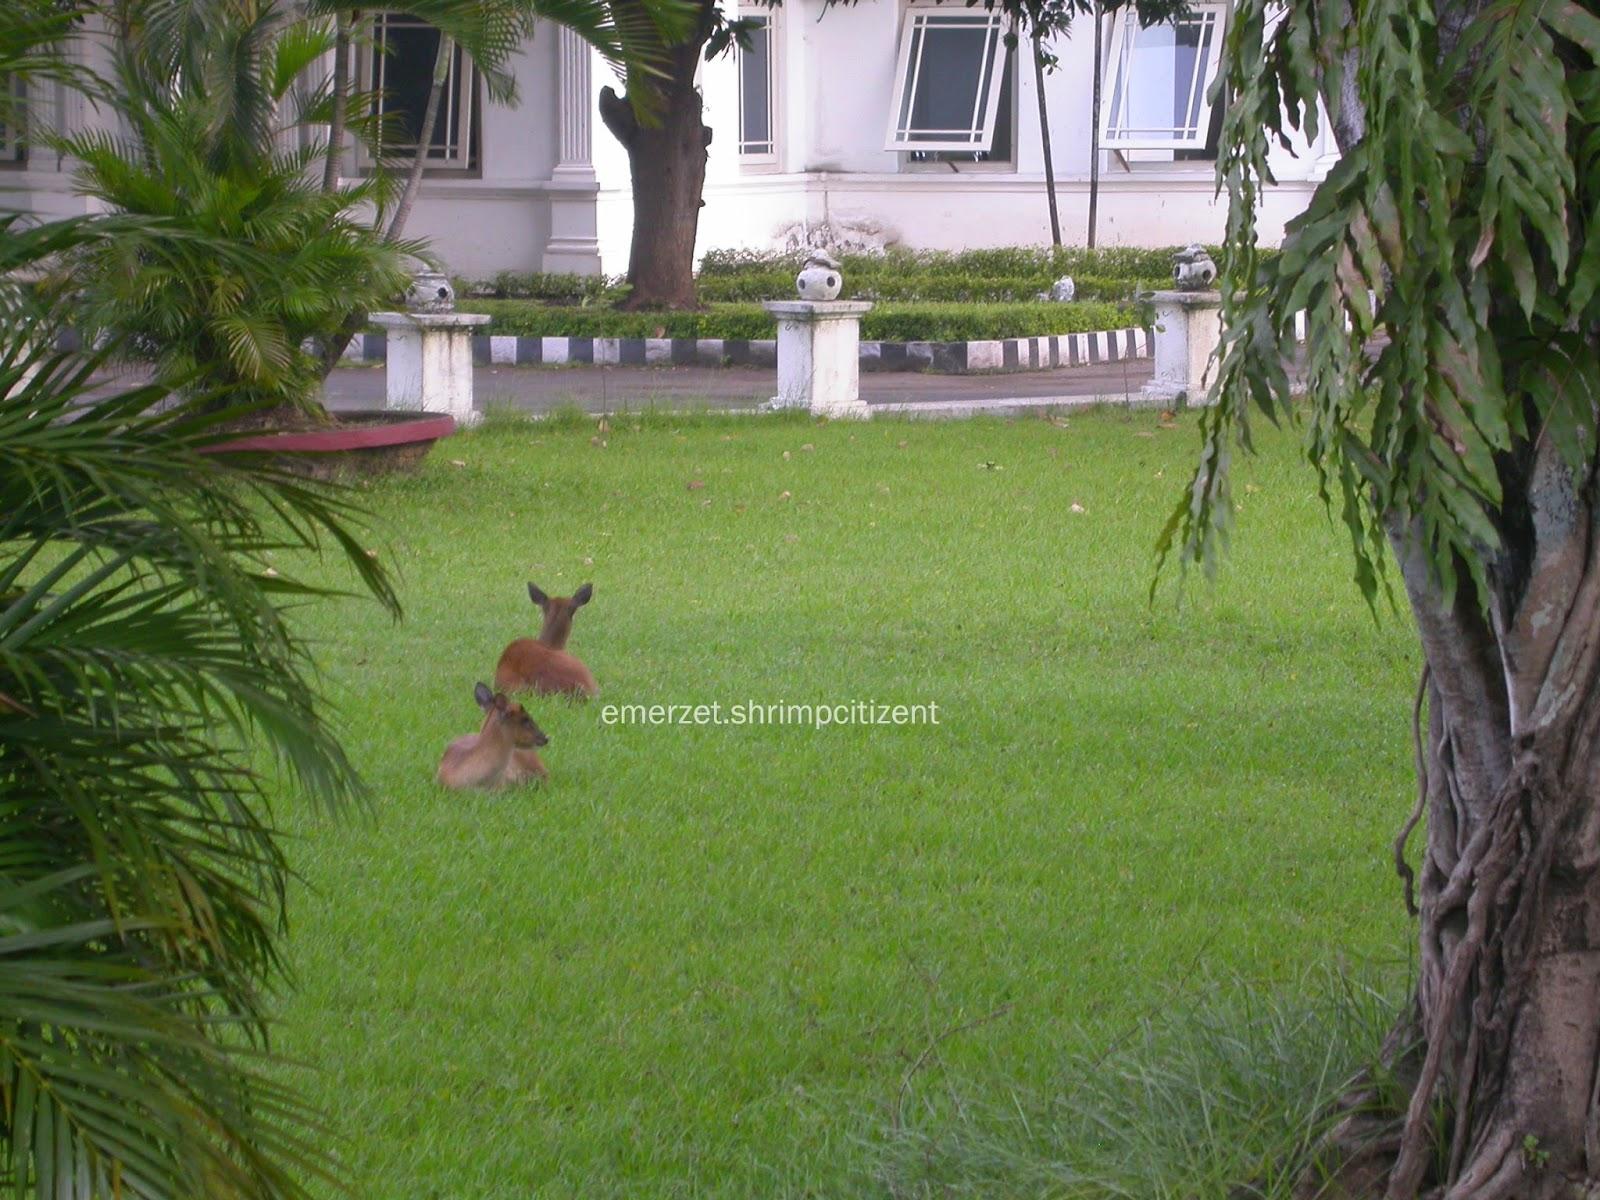 Kota Cirebon, Halaman Pendopo Bupati Cirebon - terlihat dua ekor dari beberapa ekor rusa di halaman Pendopo